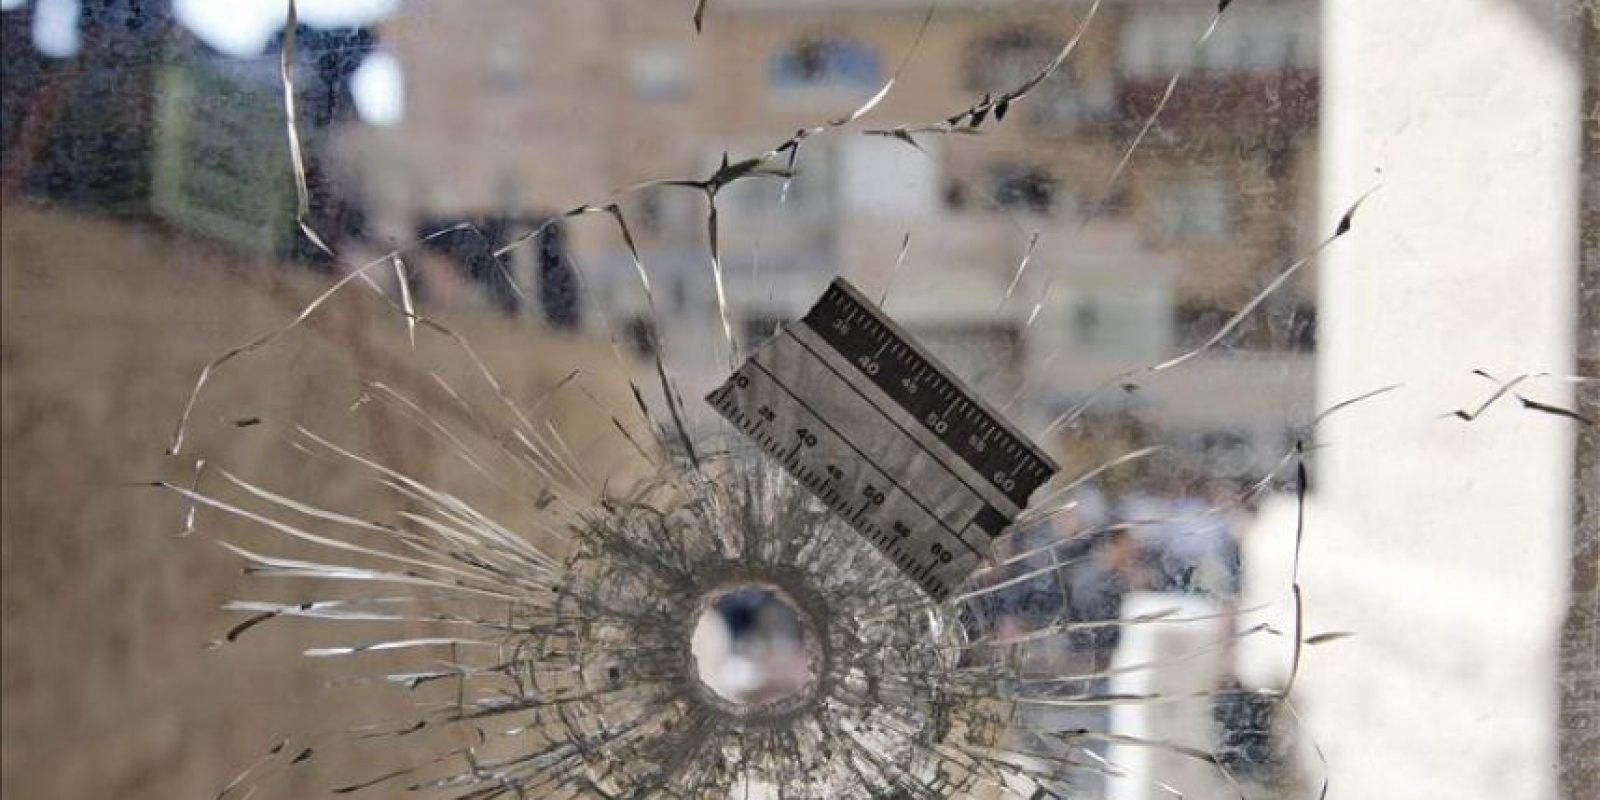 Vista de un agujero de bala en el cristal de la sinagoga del barrio ortodoxo de Har Nof en Jerusalén donde se produjo este martes un tiroteo en una sinagoga y Yeshiva (escuela rabínica) de Jerusalén Oeste, en el ataque más sangriento registrado desde 2008 en la ciudad santa, testigo de una creciente tensión. EFE